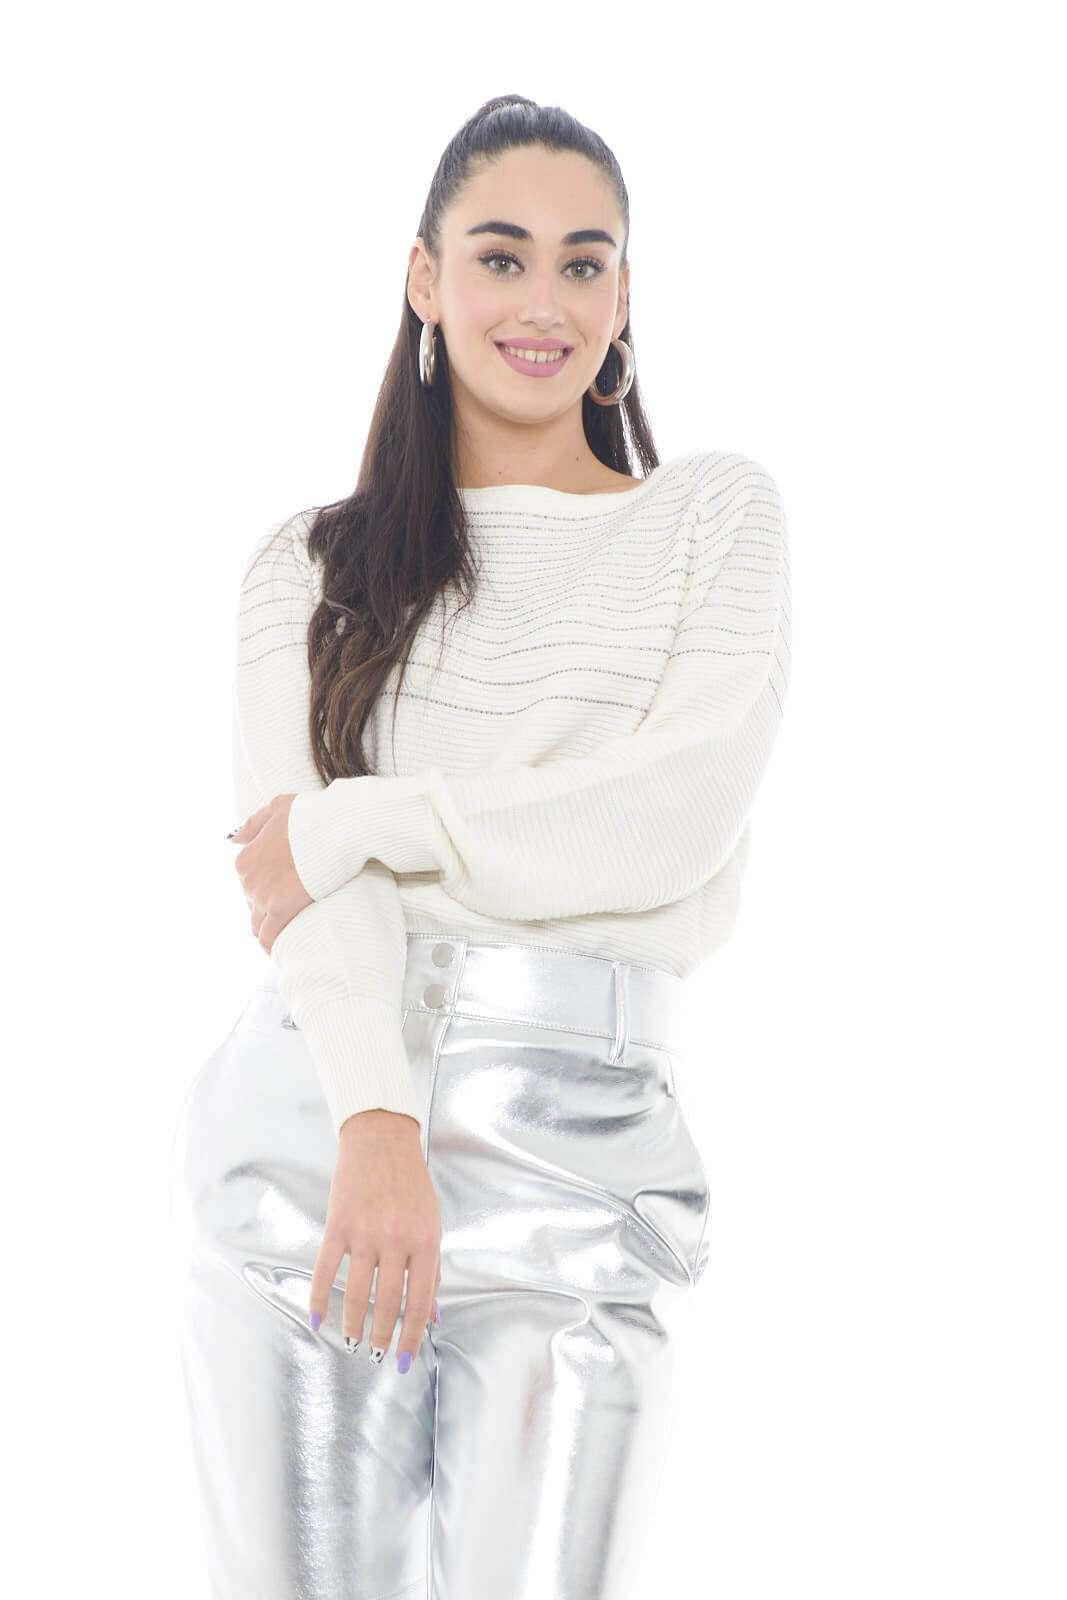 Un capo estremamente raffinato e glamour, quello firmato Patrizia Pepe, per la donna che ama capi esclusivi e sempre alla moda. L'ideale da abbinare a gonne o pantaloni, per completare un outfit sempre di tendenza. Gli strass applicati poi, sono un tocco chic e trendy.  La modella è alta 1,78m e indossa la taglia 1.